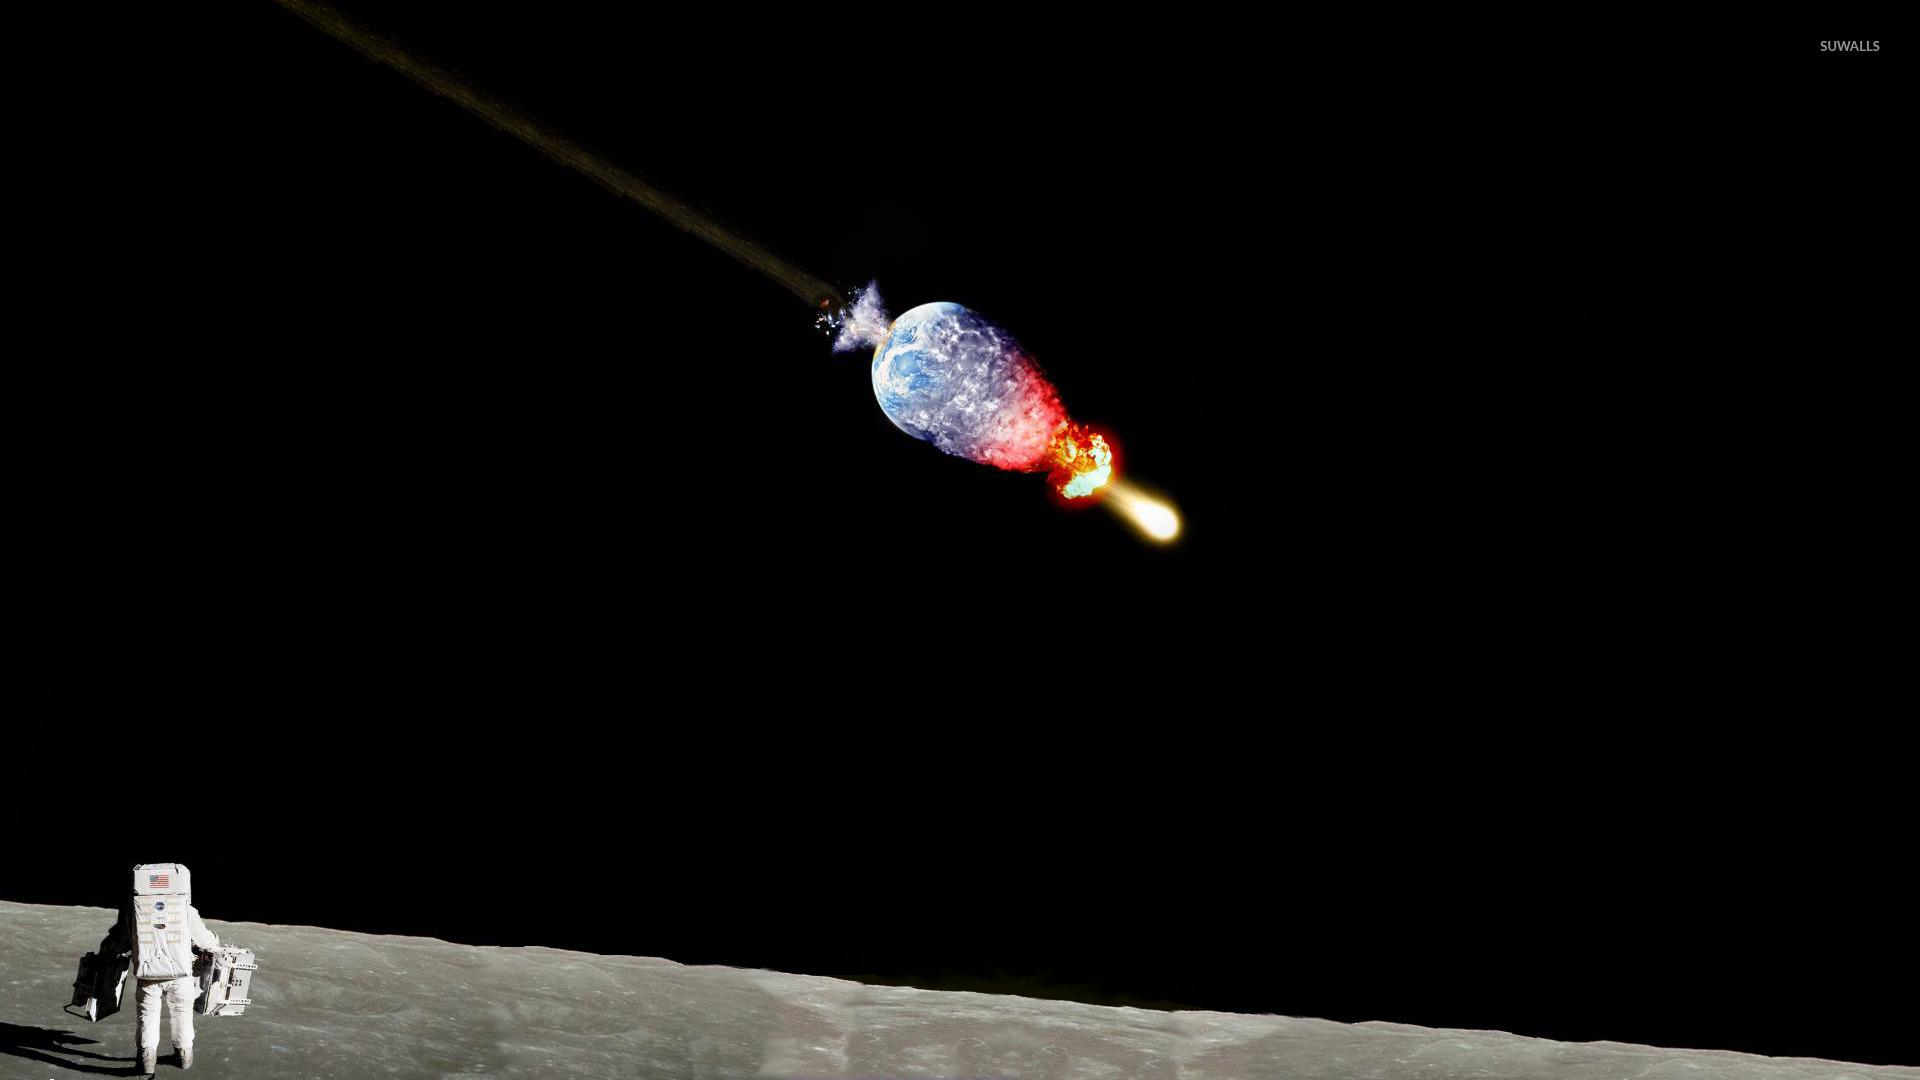 astronaut on moon wallpaper - photo #12